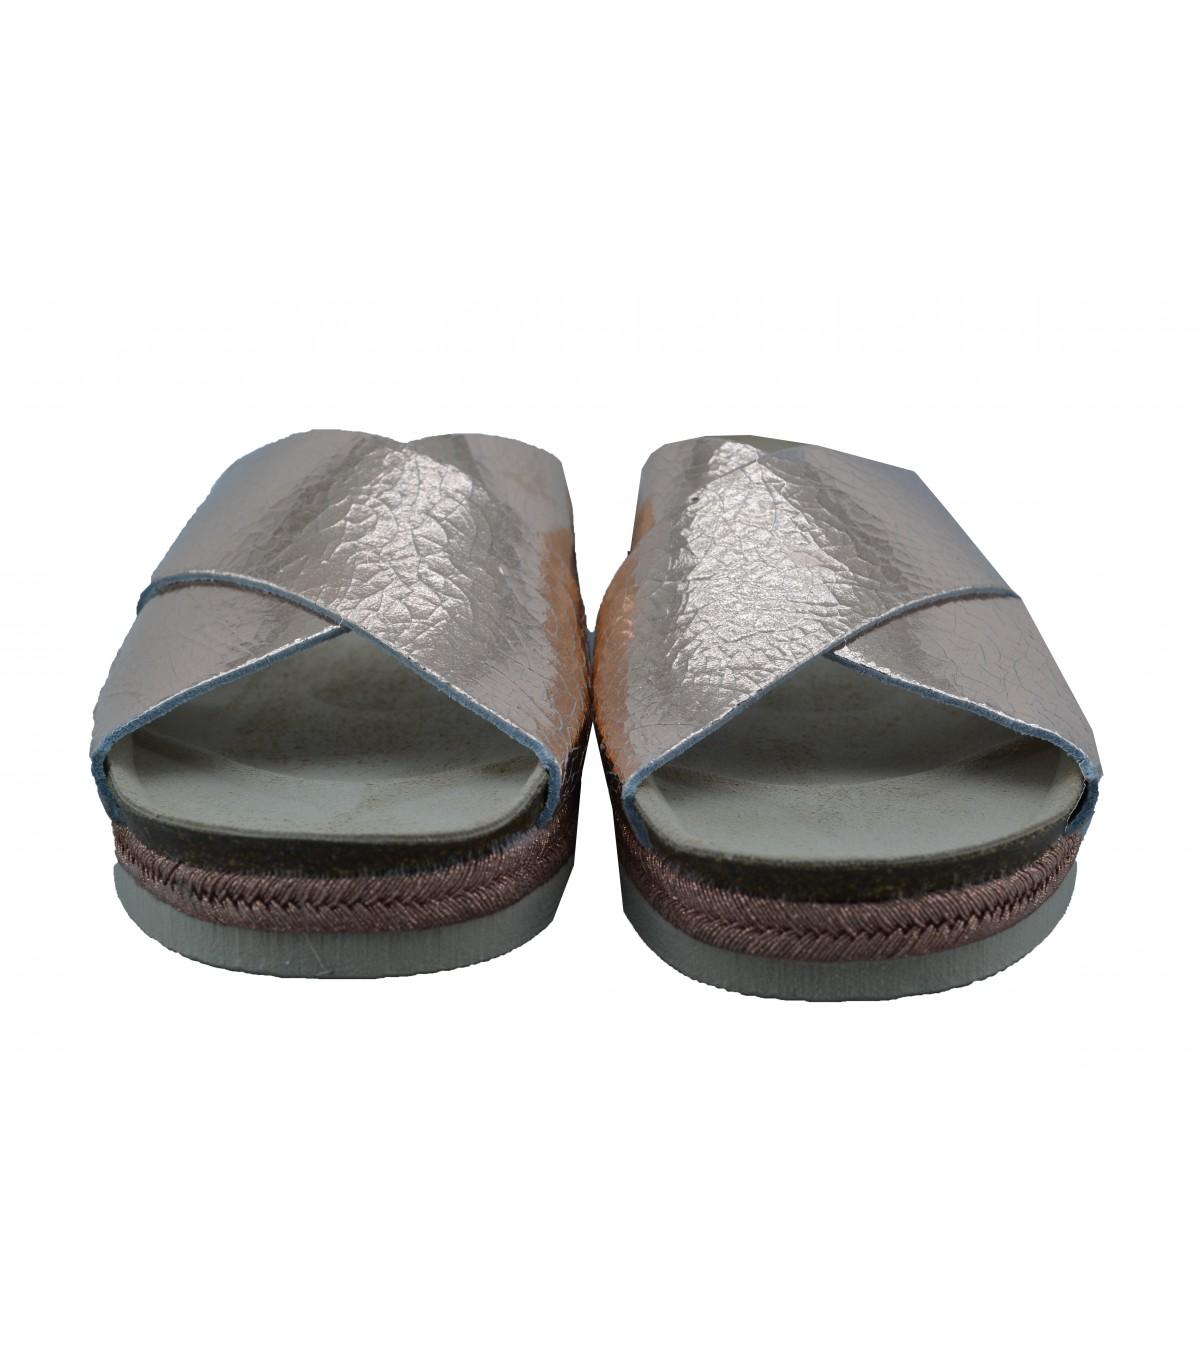 027Online Calzado Yokono Java Sandalias Mujer mwvnON80